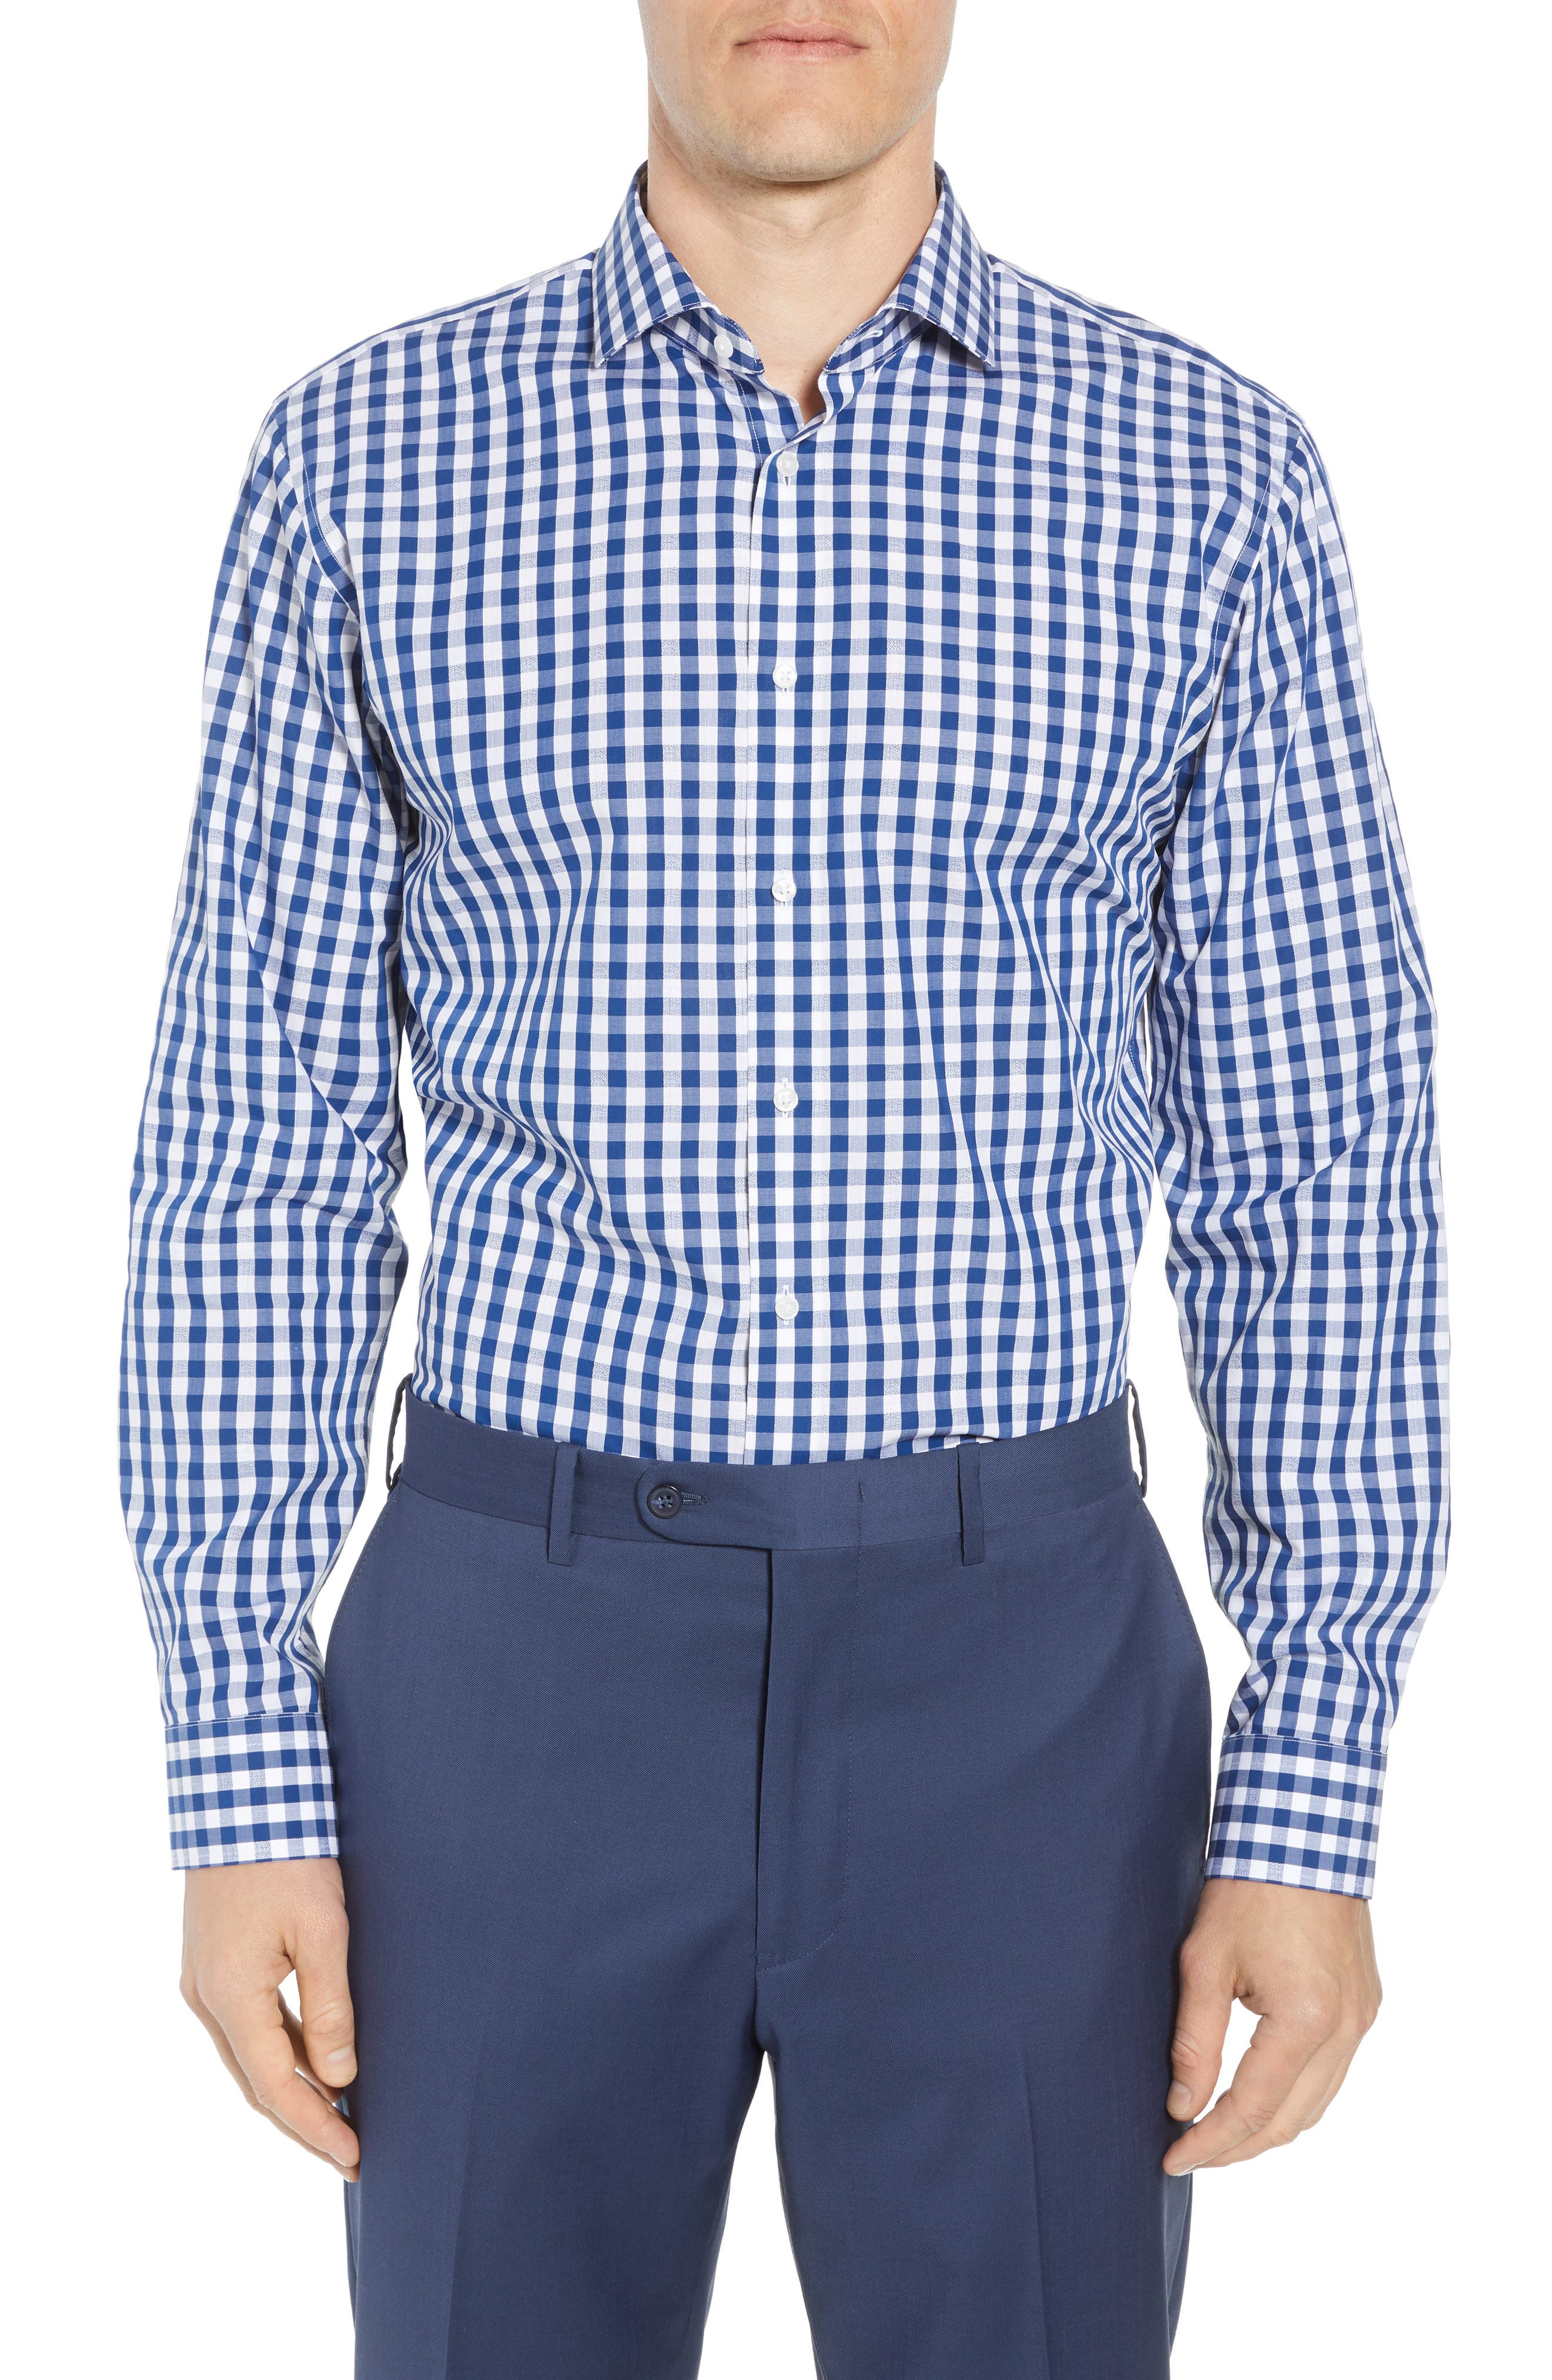 1901 Trim Fit Check Dress Shirt, Main, color, BLUE CASPIA